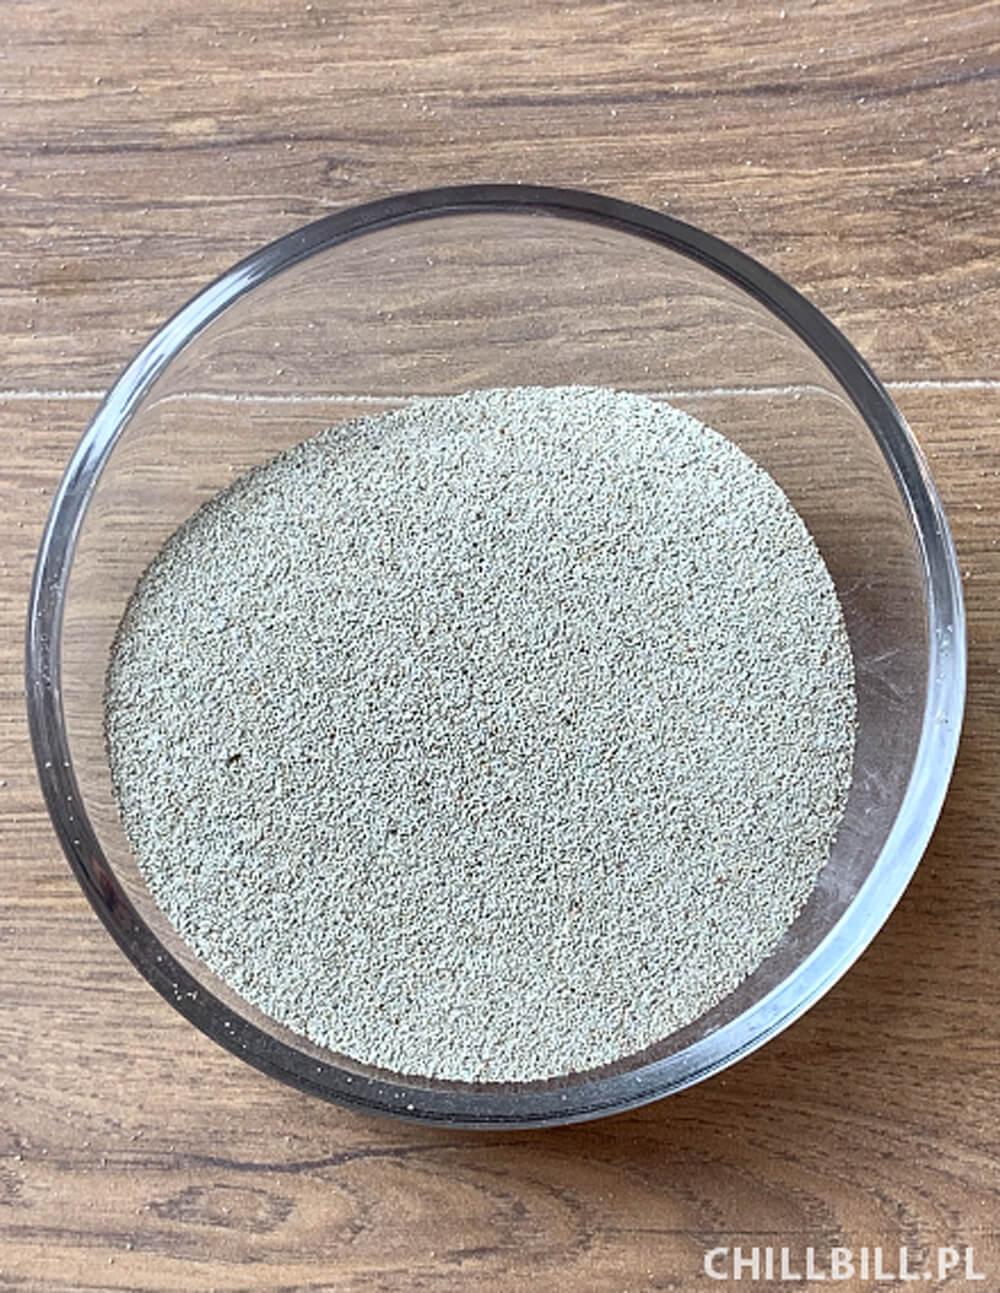 piasek kąpielowy dla chomików